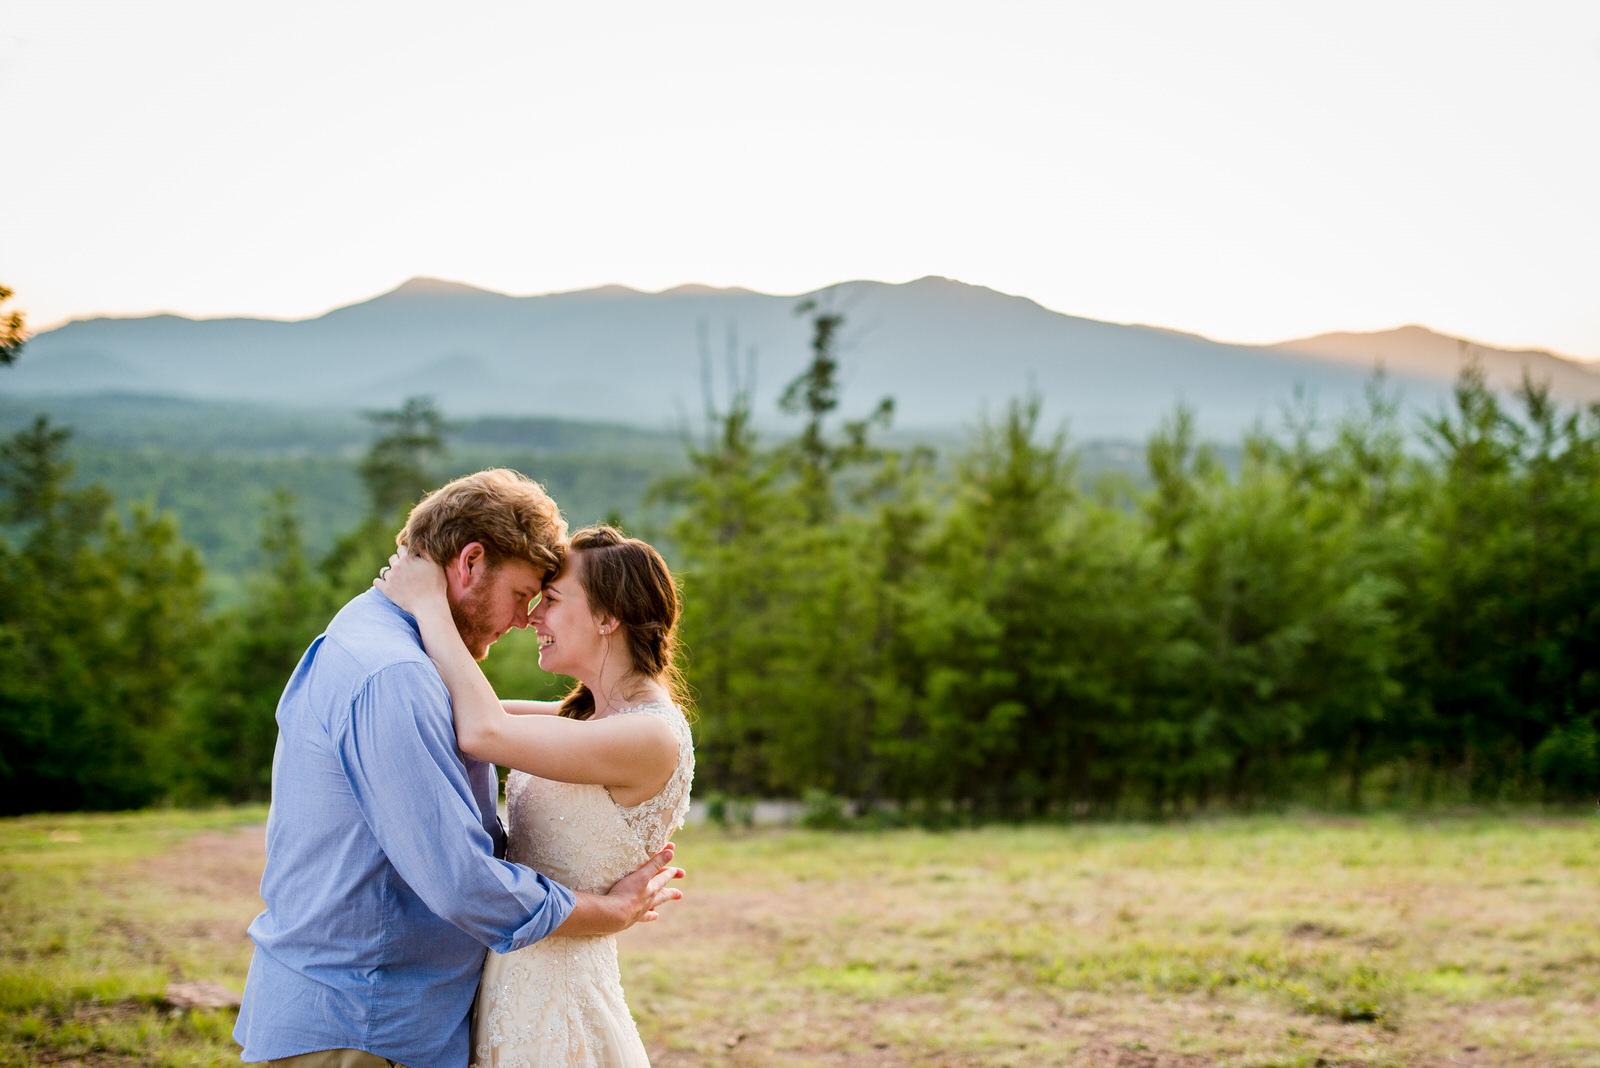 Waynesville-Intimate-Wedding